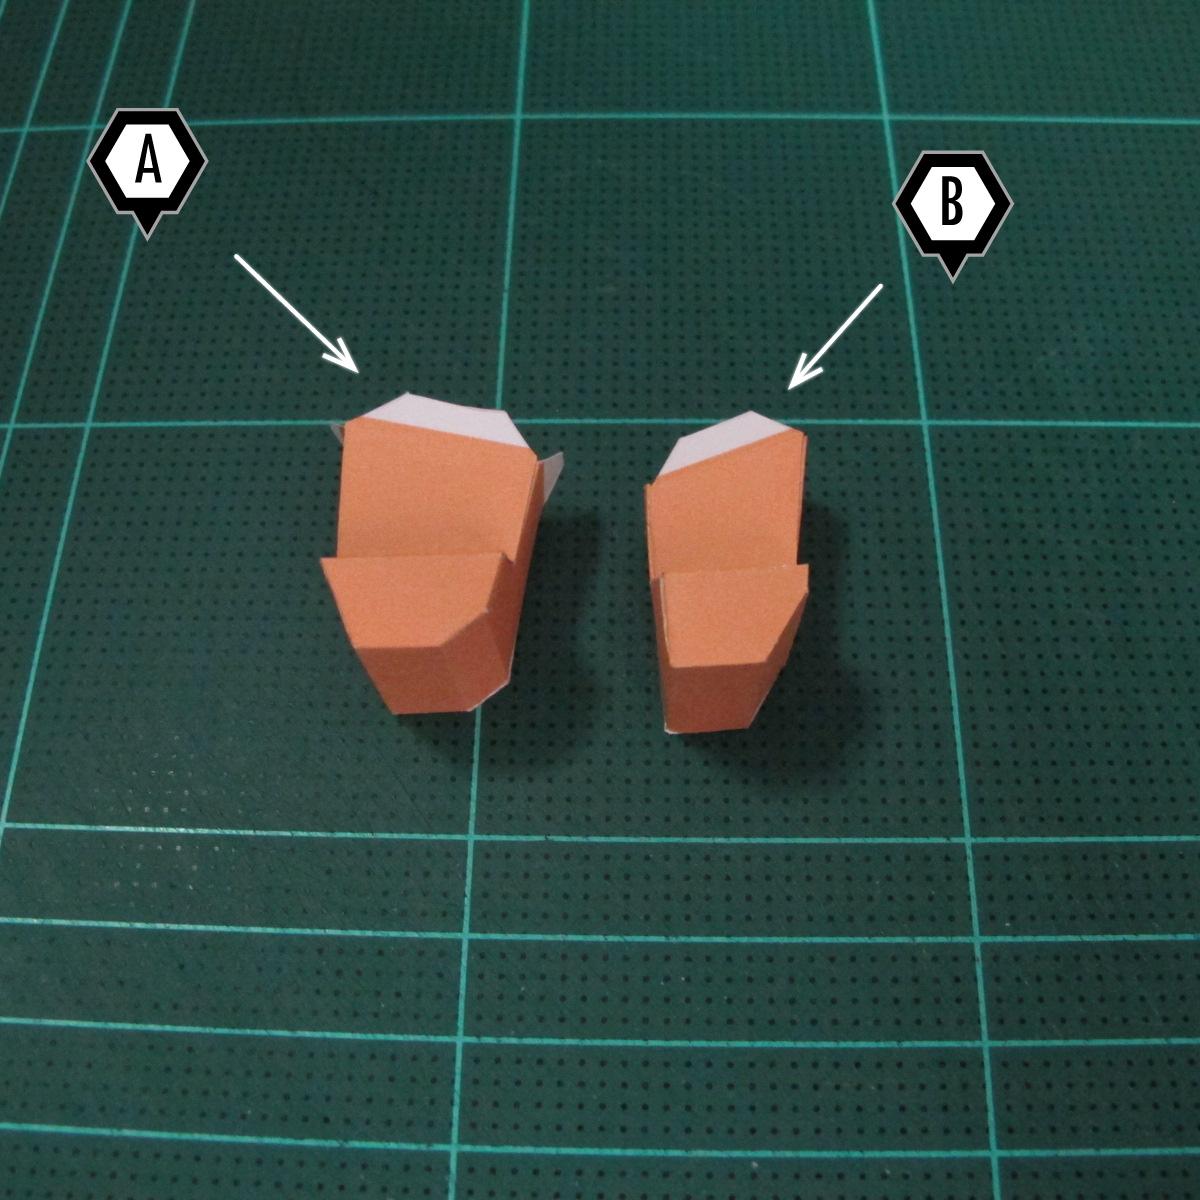 วิธีทำโมเดลกระดาษตุ้กตา คุกกี้สาวผู้ร่าเริง จากเกมส์คุกกี้รัน (LINE Cookie Run – Bright Cookie Papercraft Model) 018